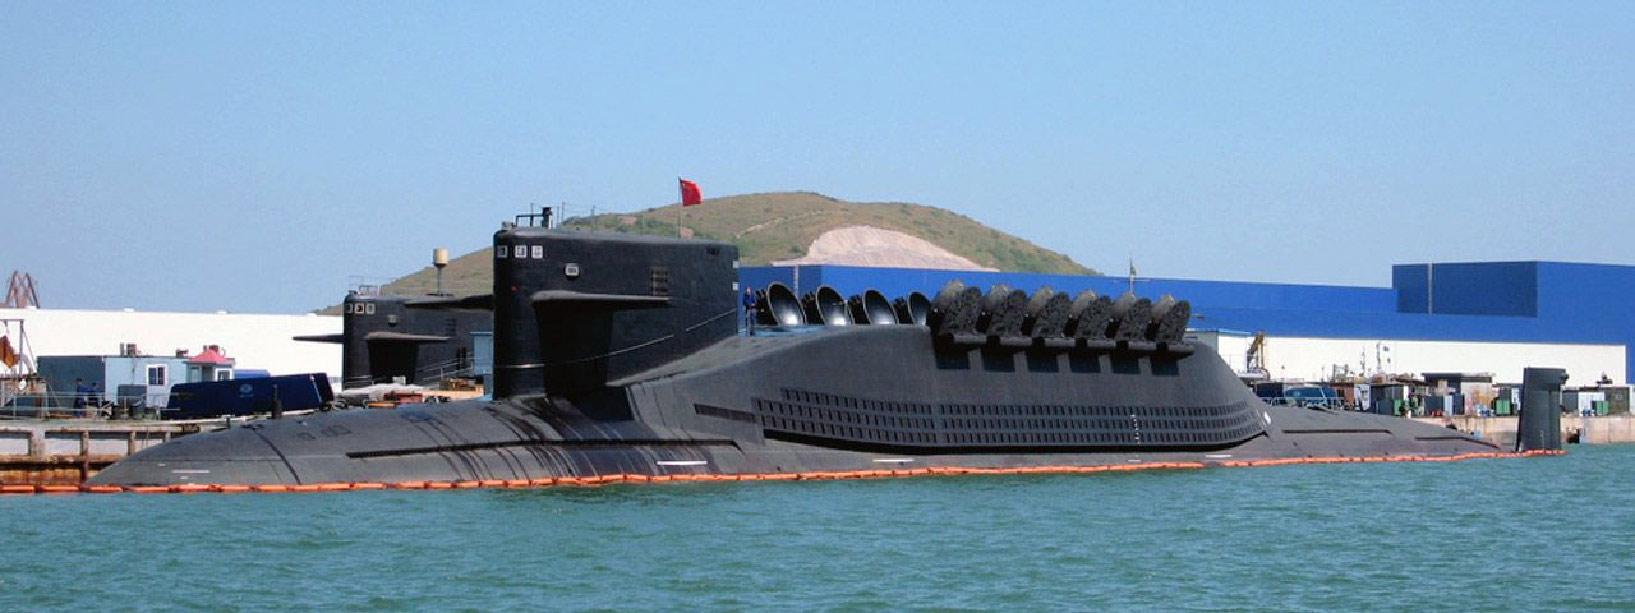 Sous-marin nucléaire lanceur d'engins (SNLE) chinois type 094 (classe Jin) (apl-chine.com)